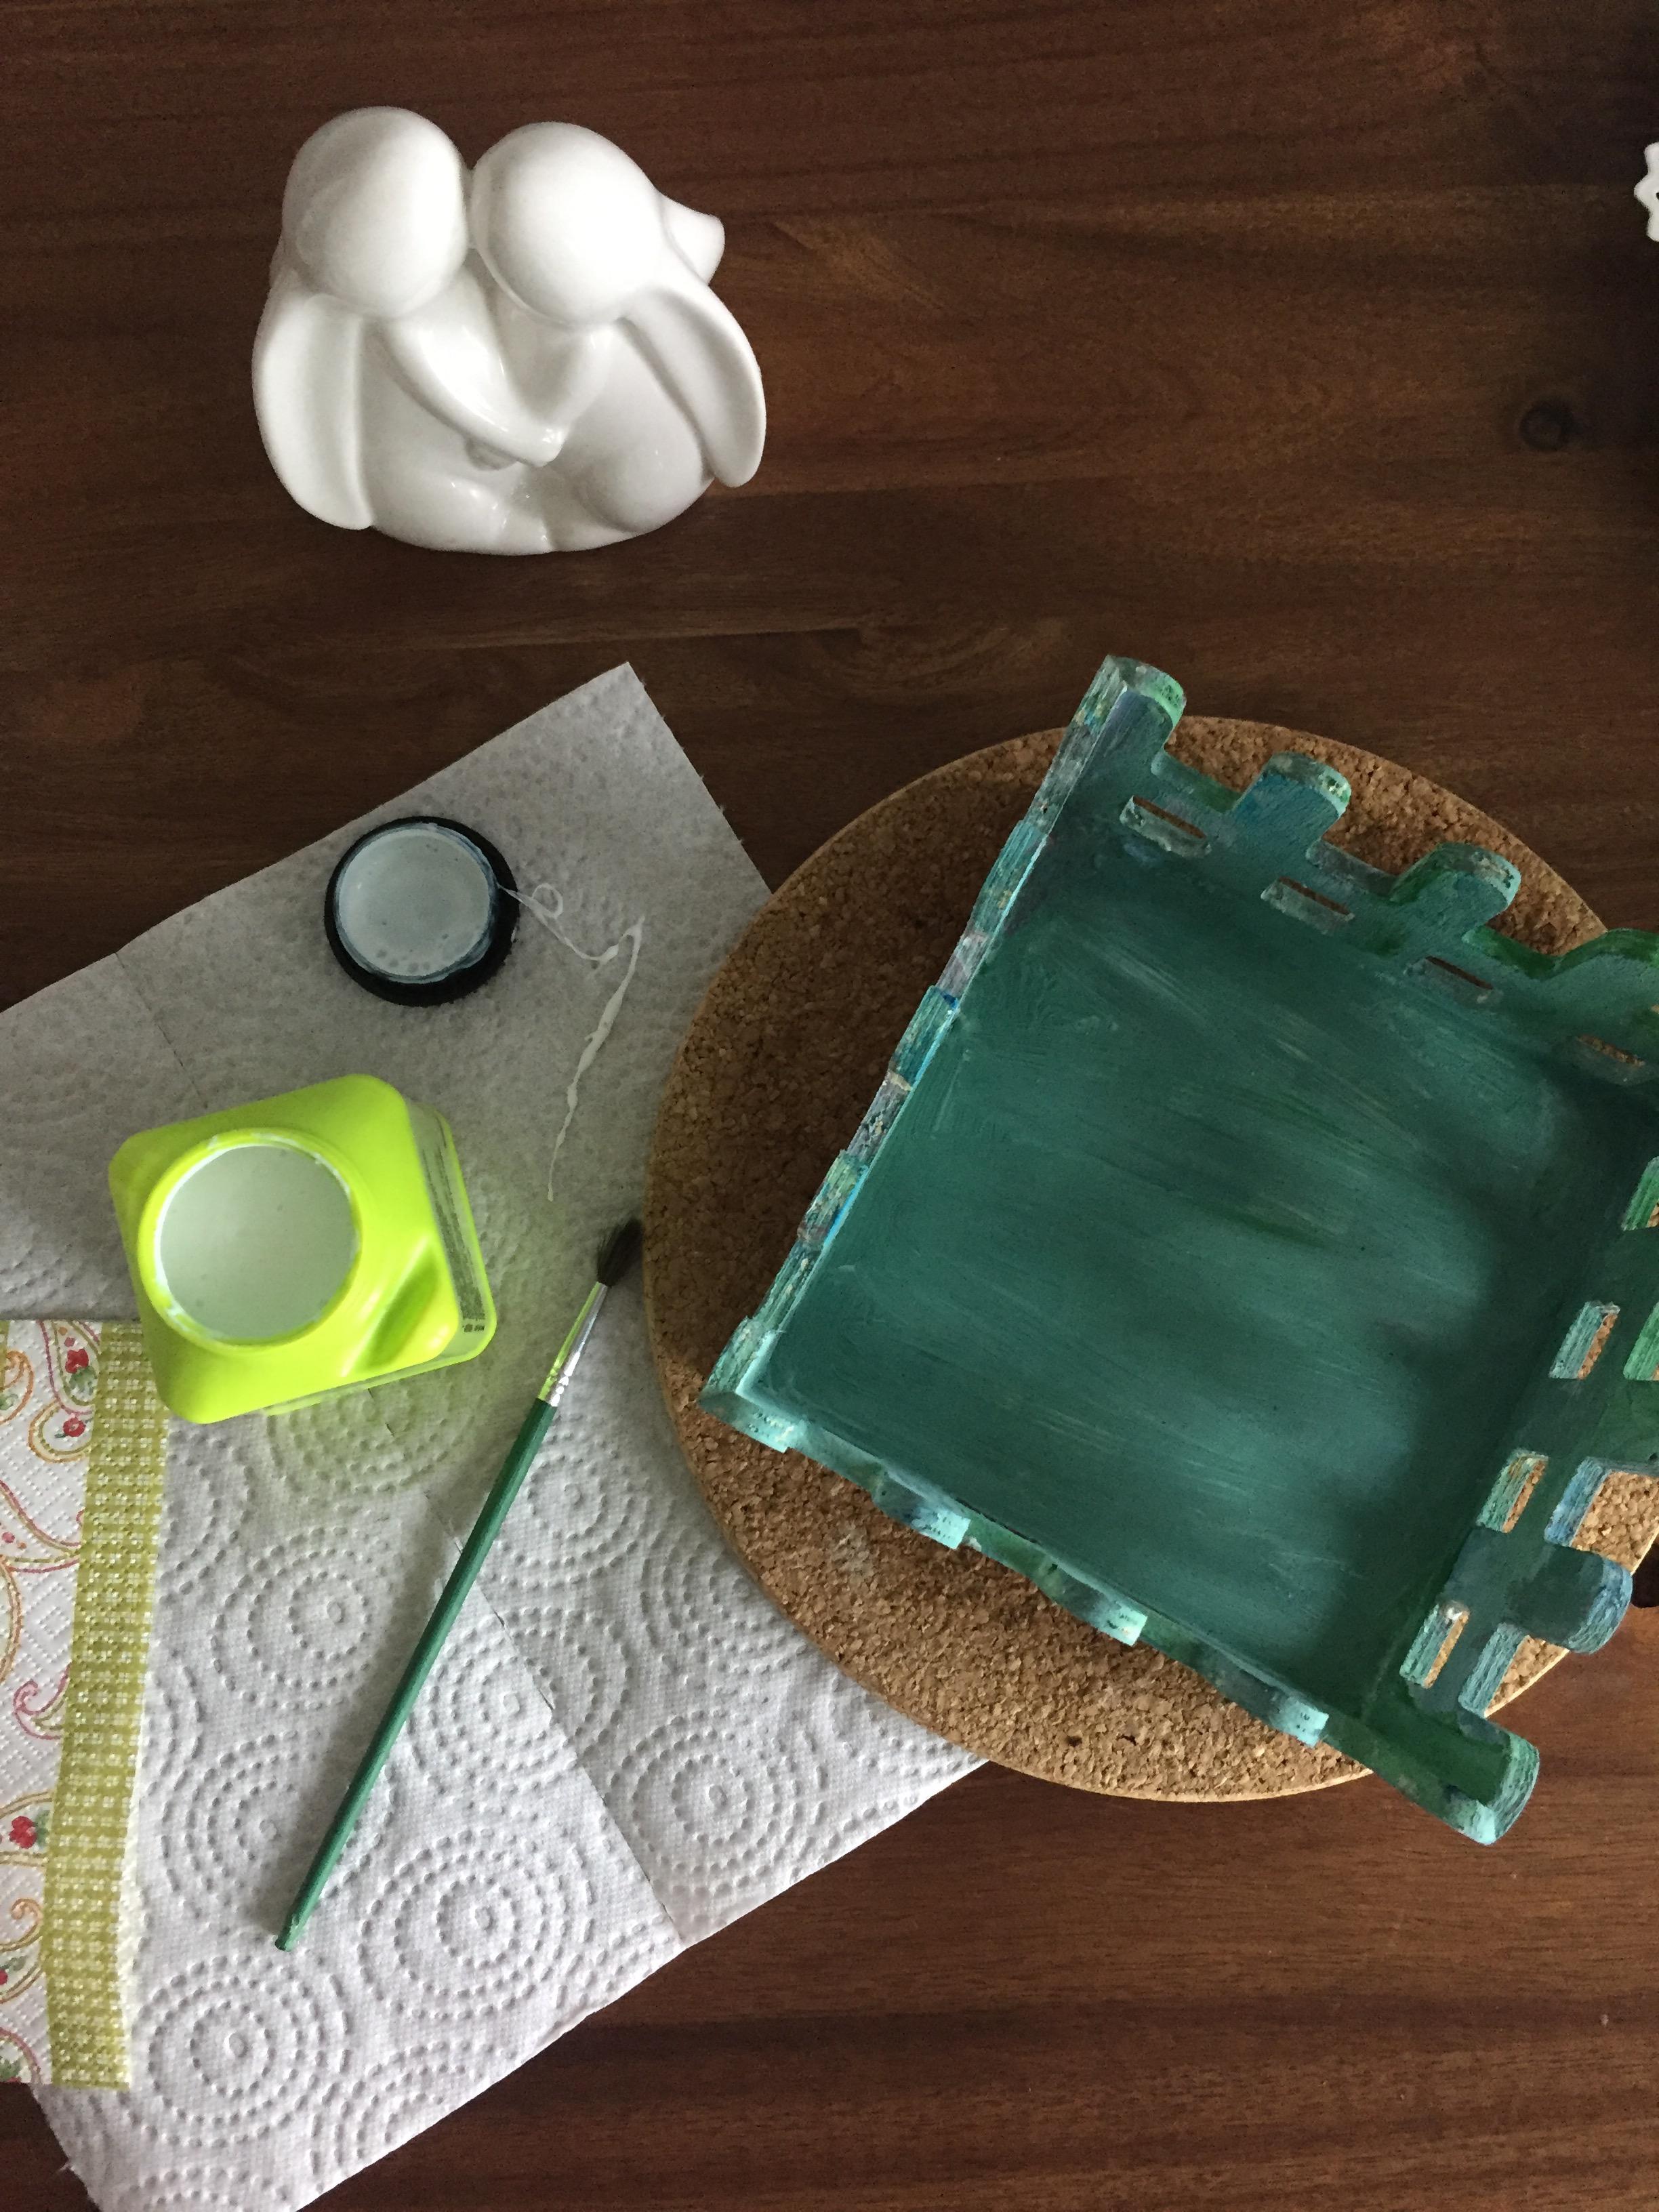 Mit der Serviettentechnik schnell und einfach Gegenstände verschönern